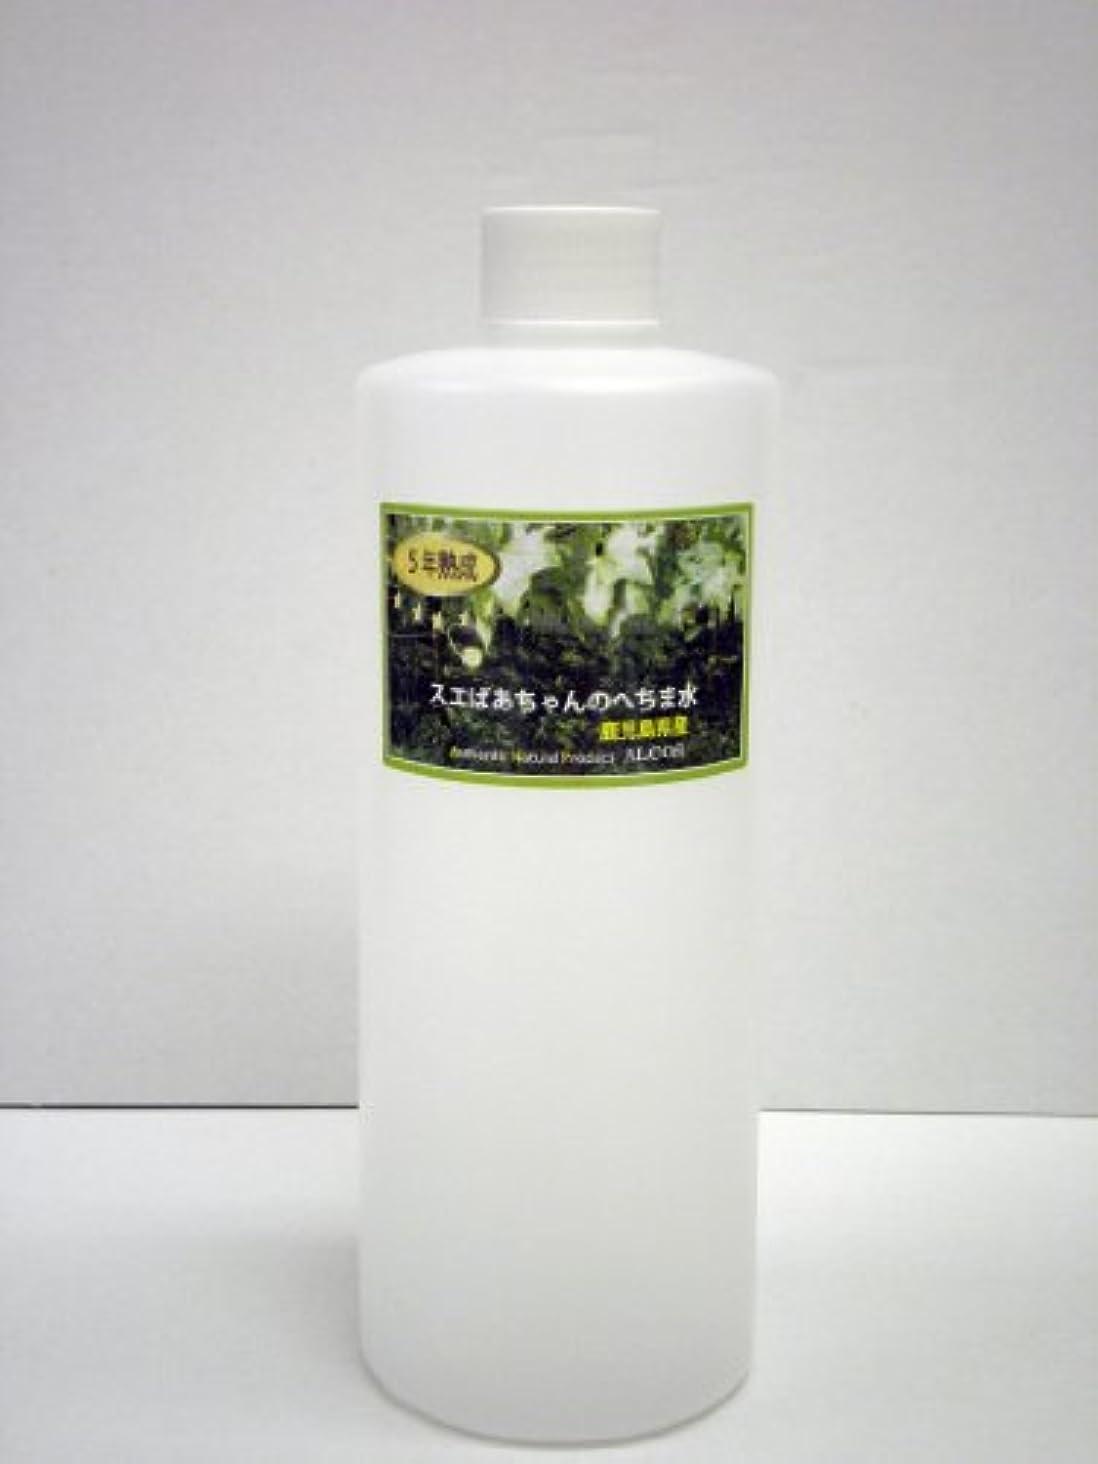 不透明なホストどうしたの5年熟成スエばあちゃんのへちま水(容量500ml)鹿児島県産?有機栽培(無農薬) ※完全無添加オーガニックヘチマ水100% ※商品のラベルはスエばあちゃんのへちま畑の写真です。ALCOS(アルコス) 天然水ヘチマ [5年...